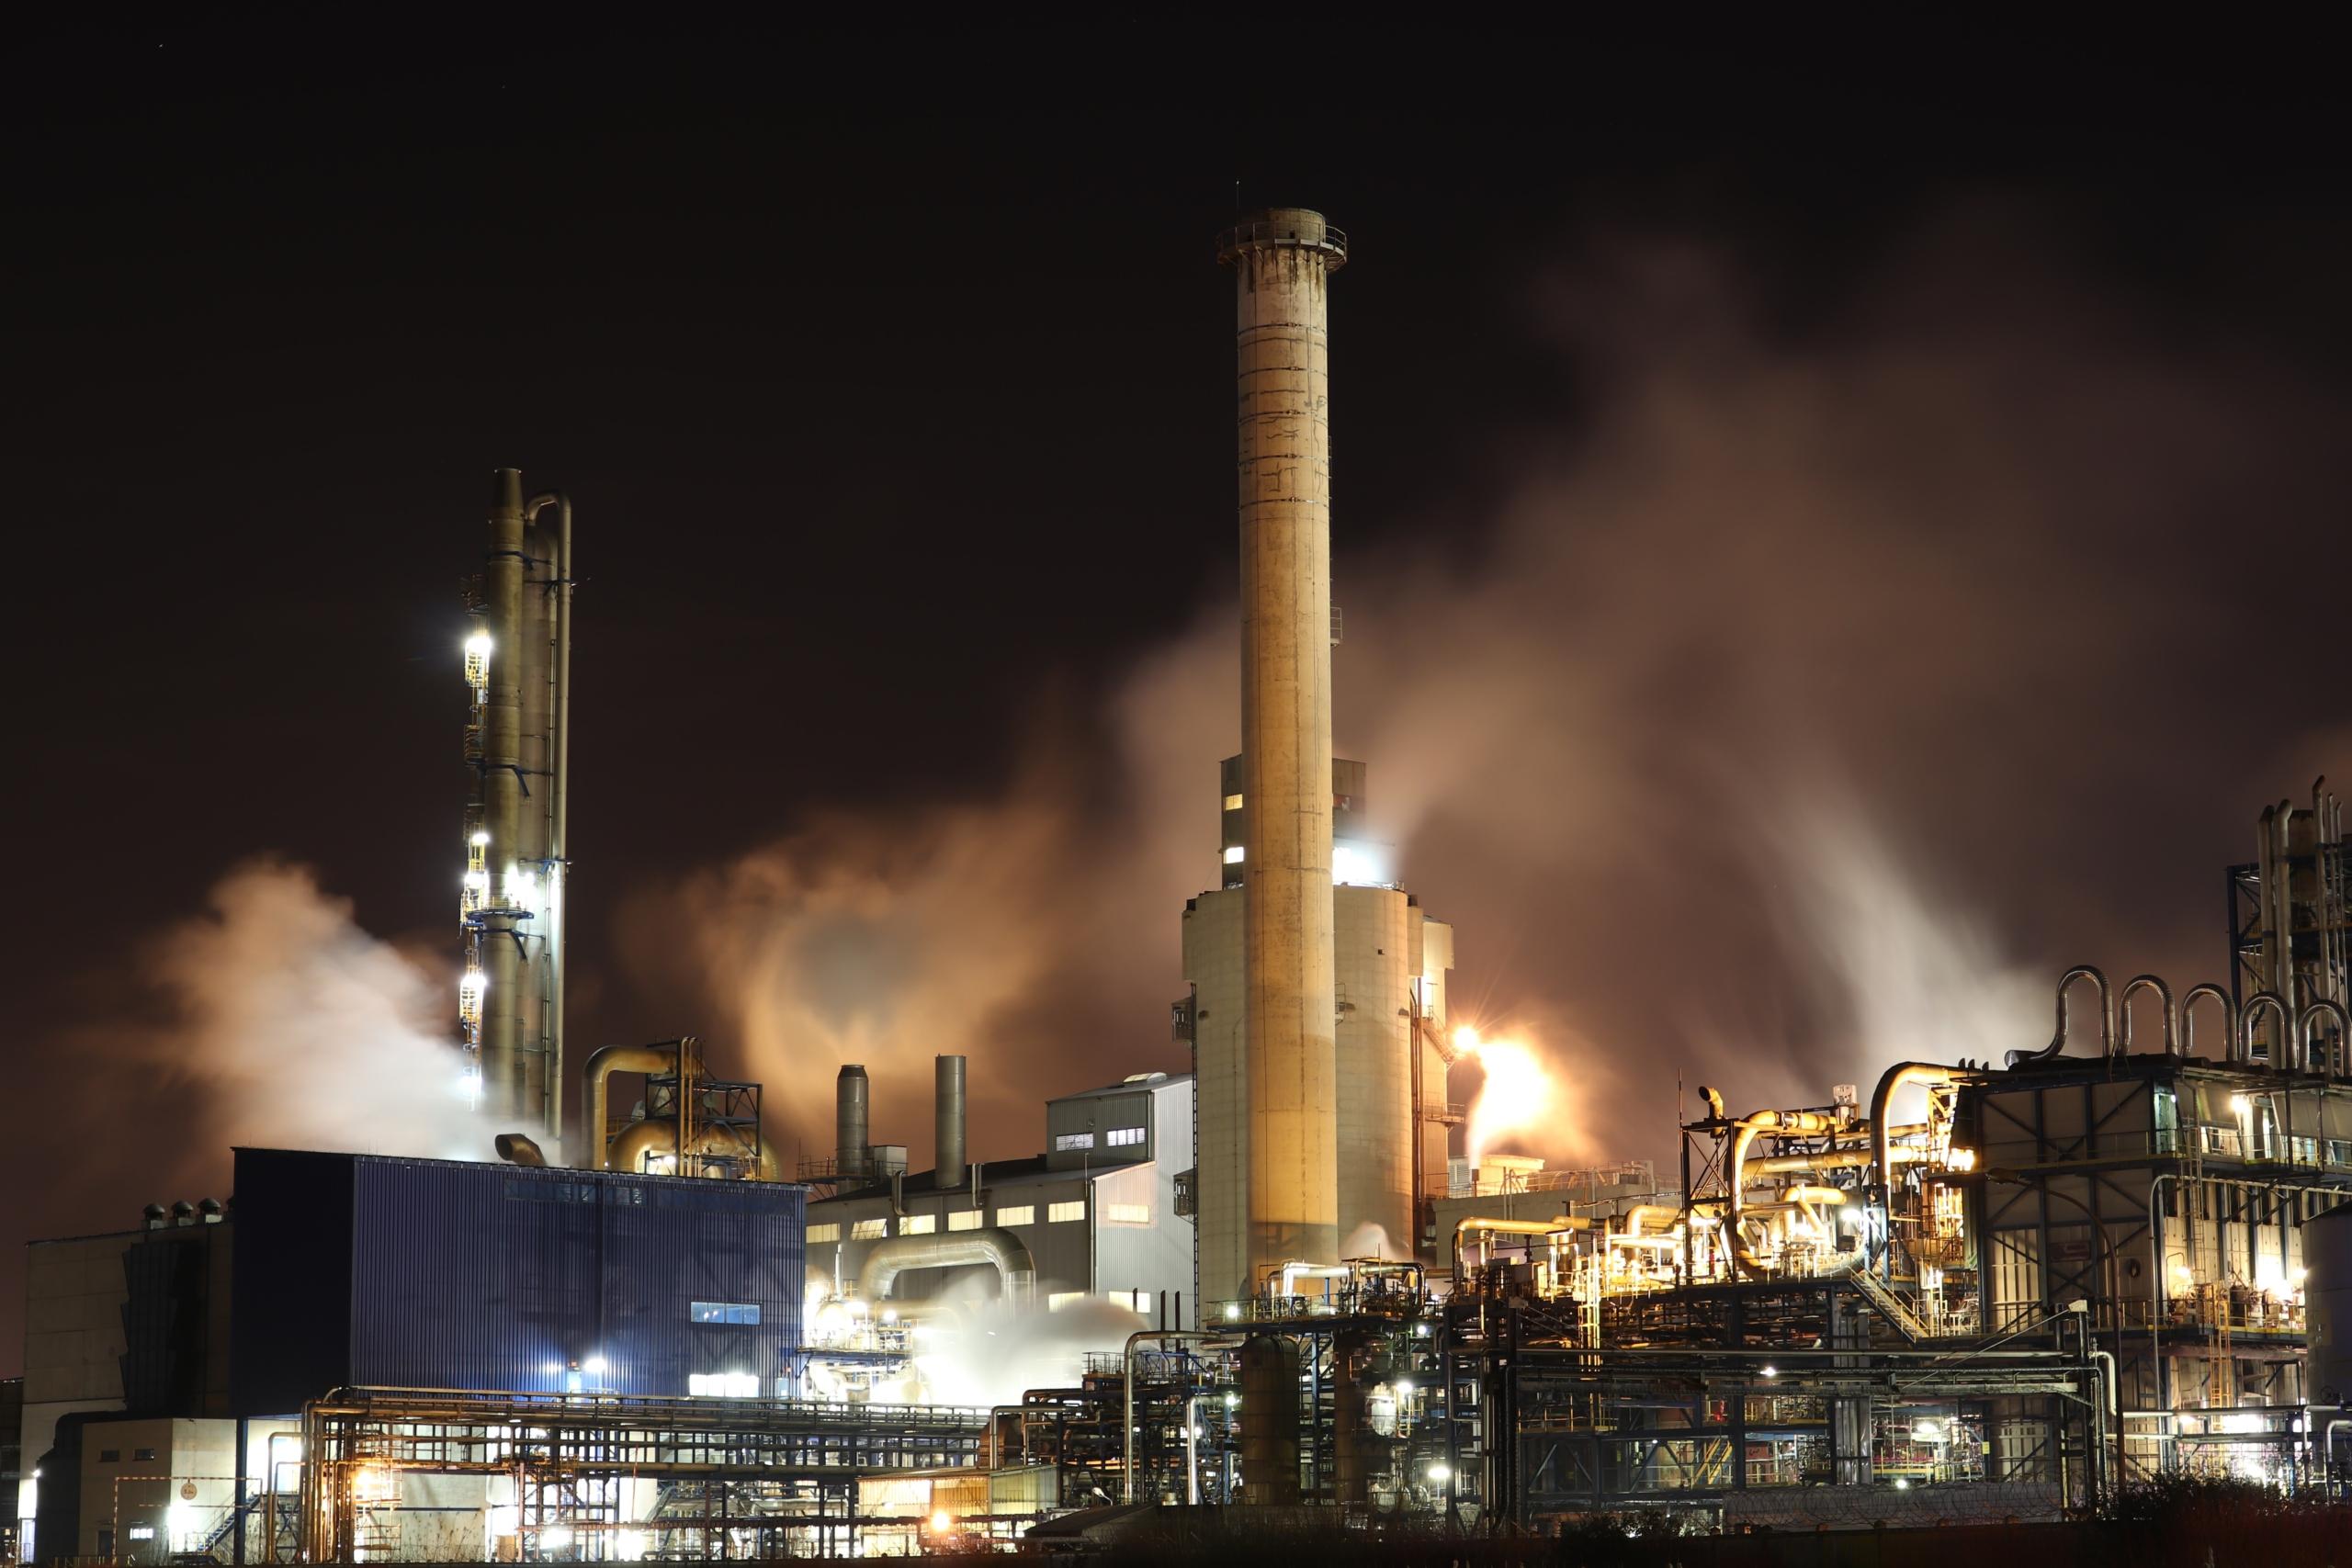 Industrias Sueprat